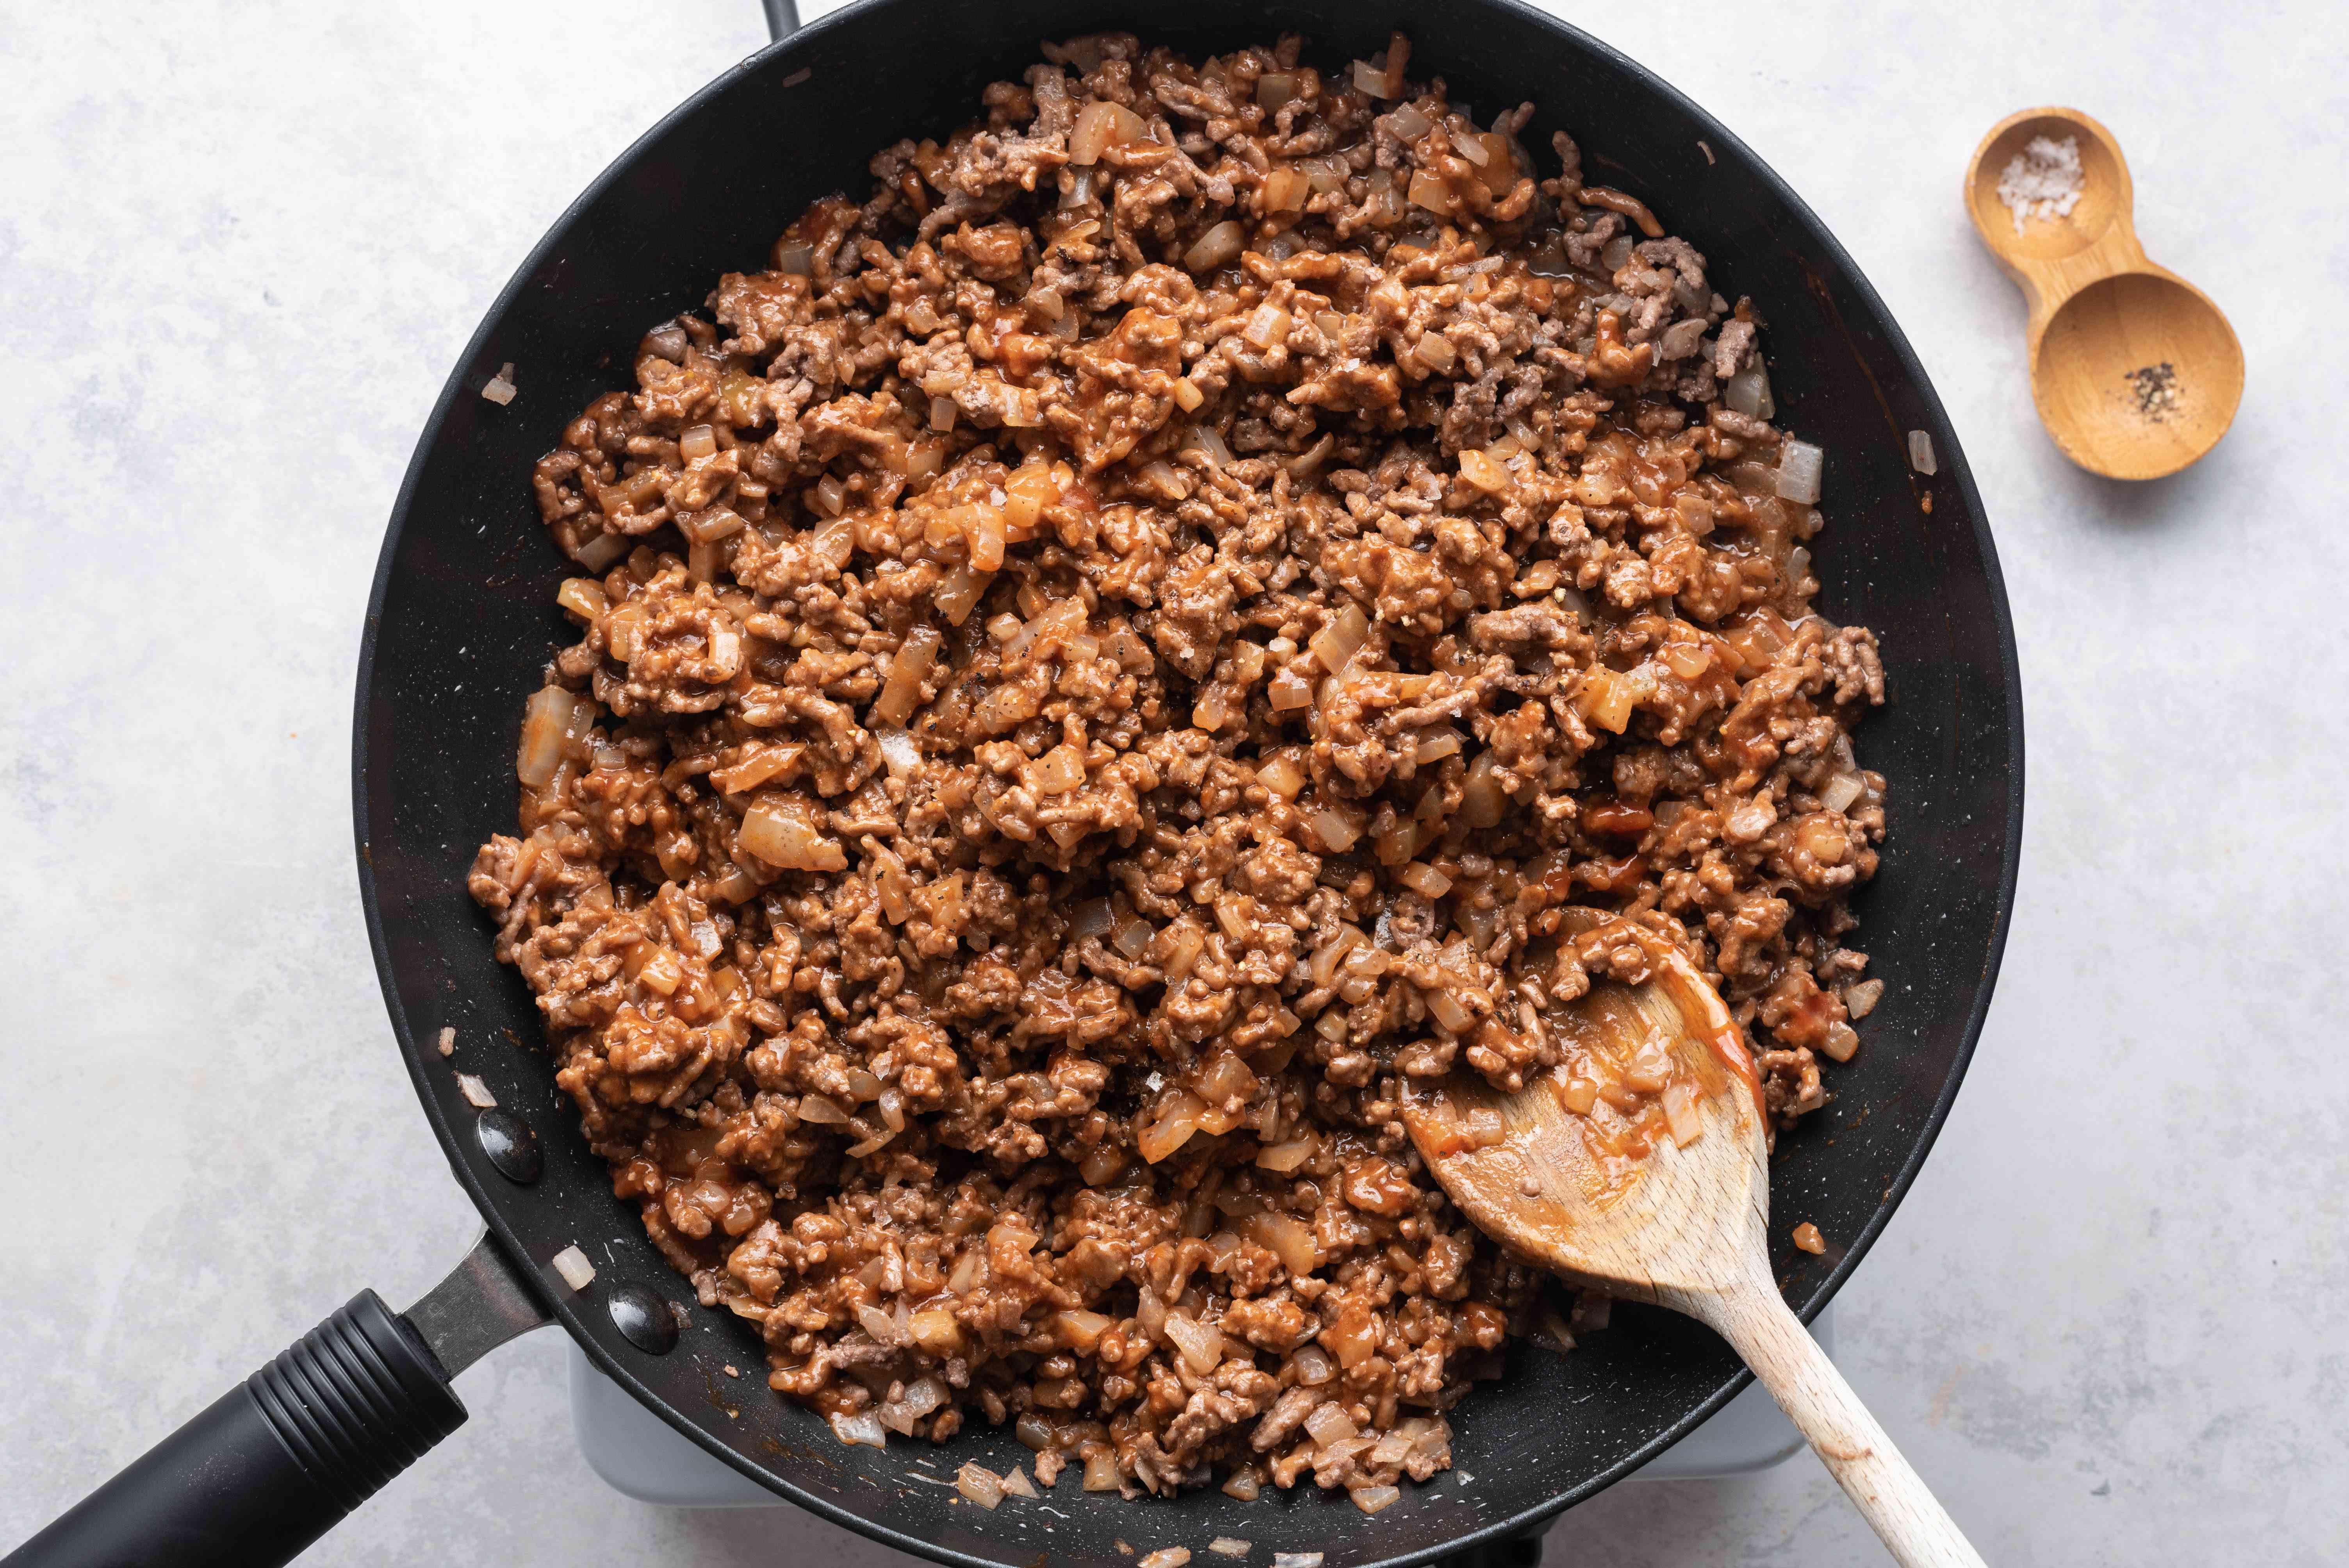 seasoned beef mixture cooking in a skillet